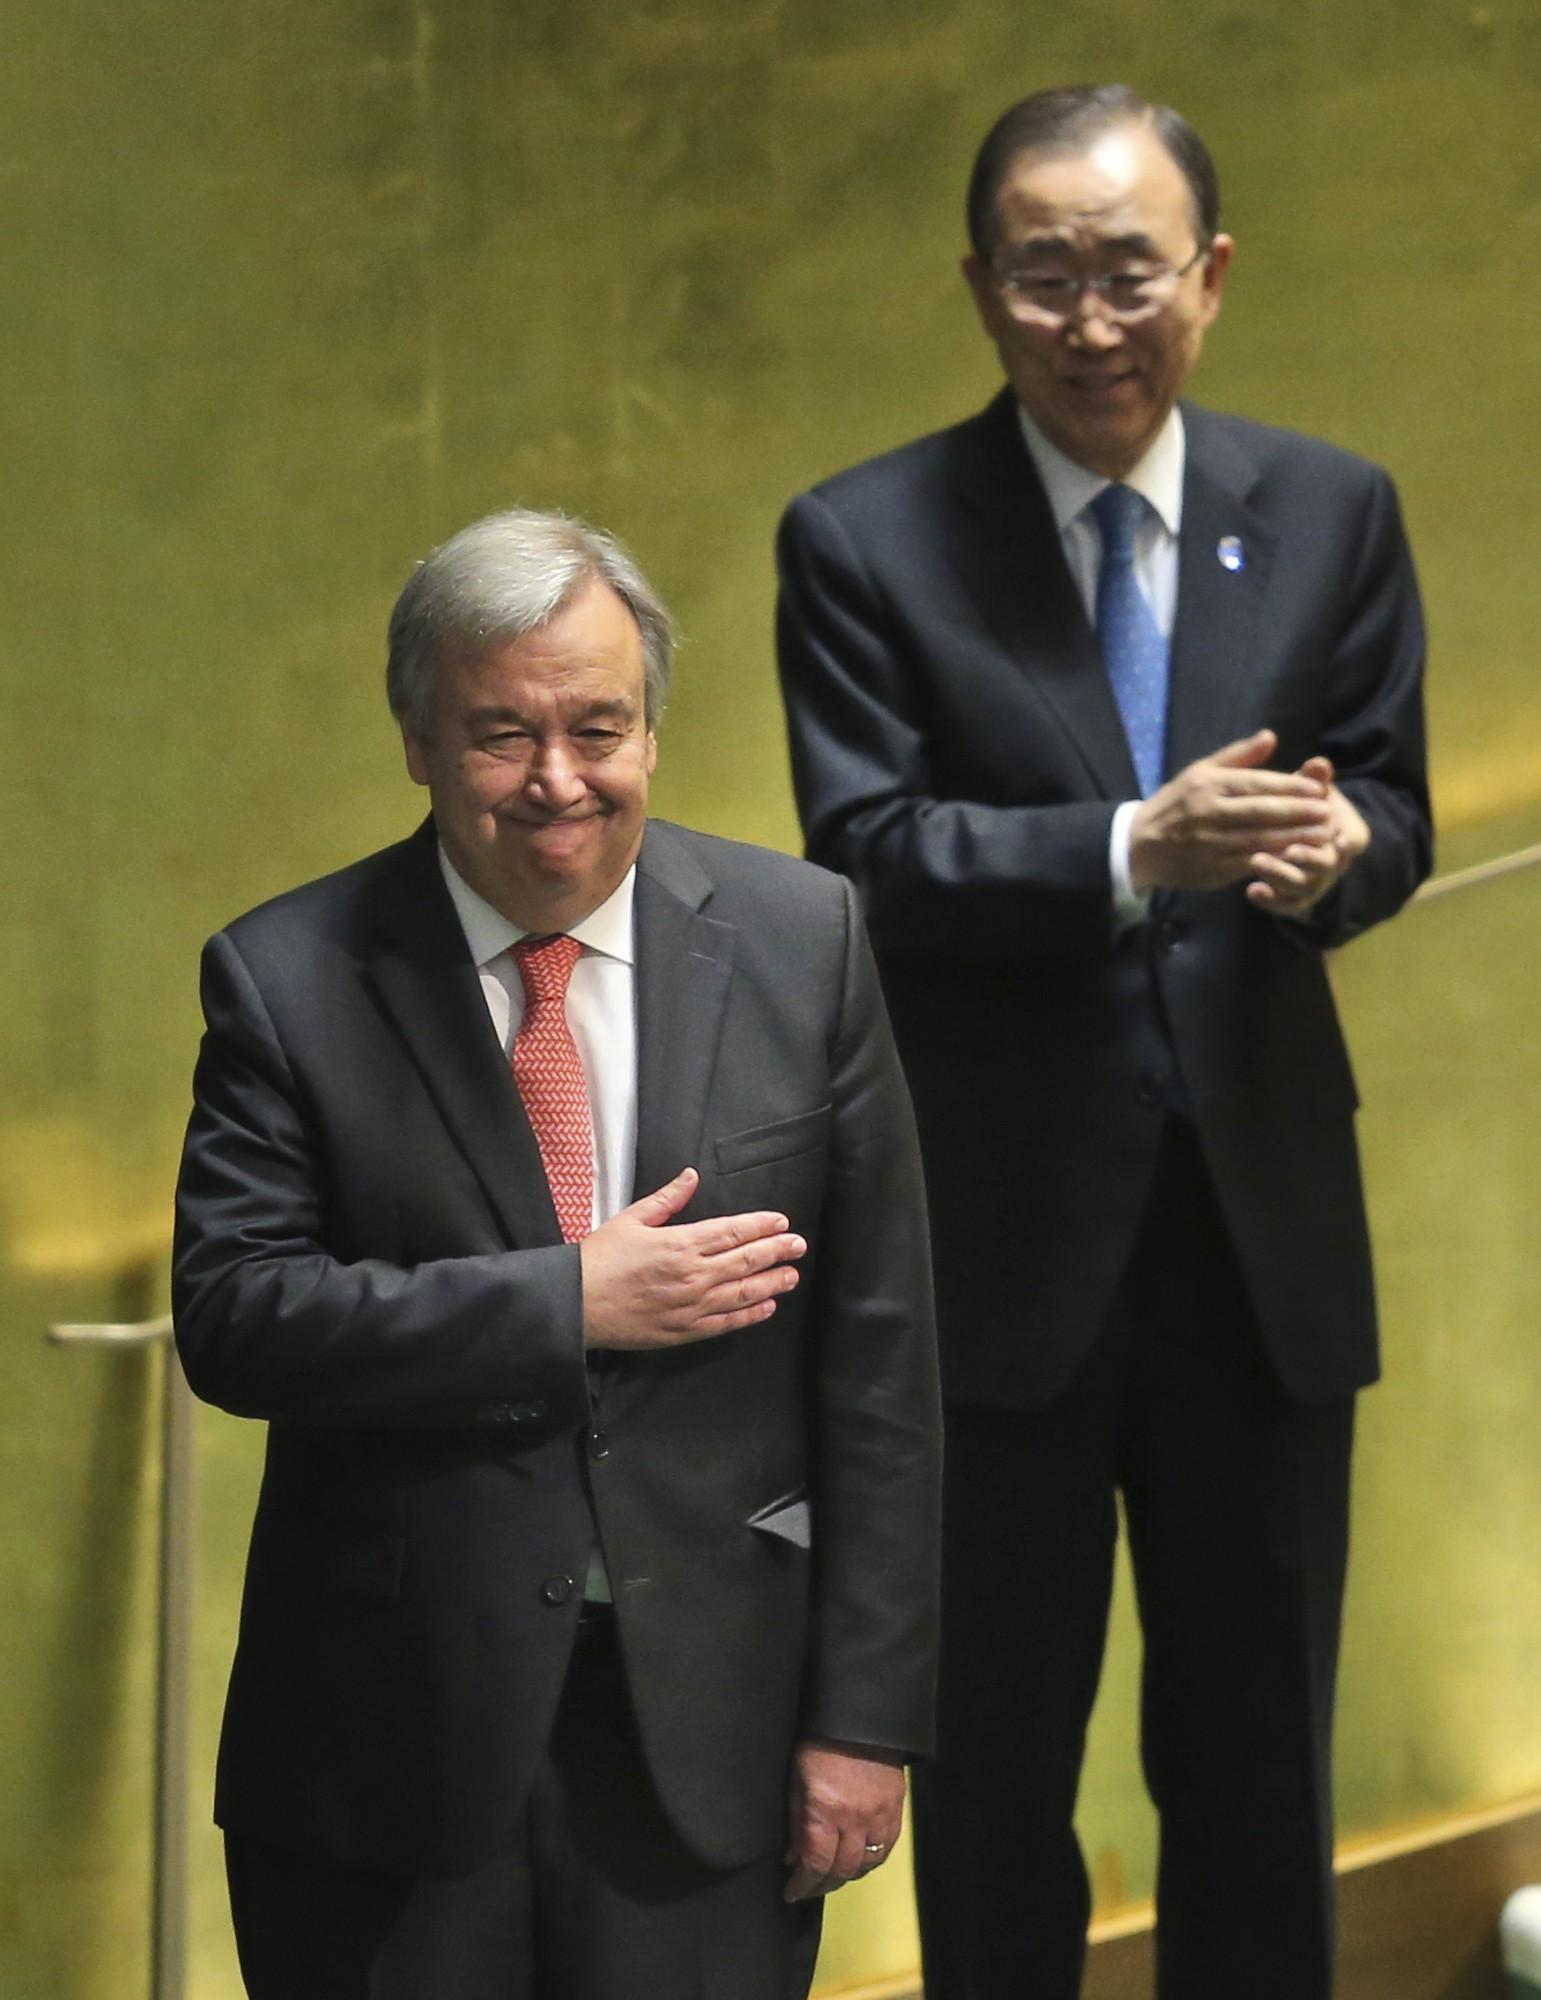 Ban Ki-moon observe António guterres sendo aplaudido na Assembleia-Geral da ONU, nesta quinta (13), quando foi aprovado por unanimidade para o caro e secretário-geral da organização (Foto: Seth Wenig/AP)